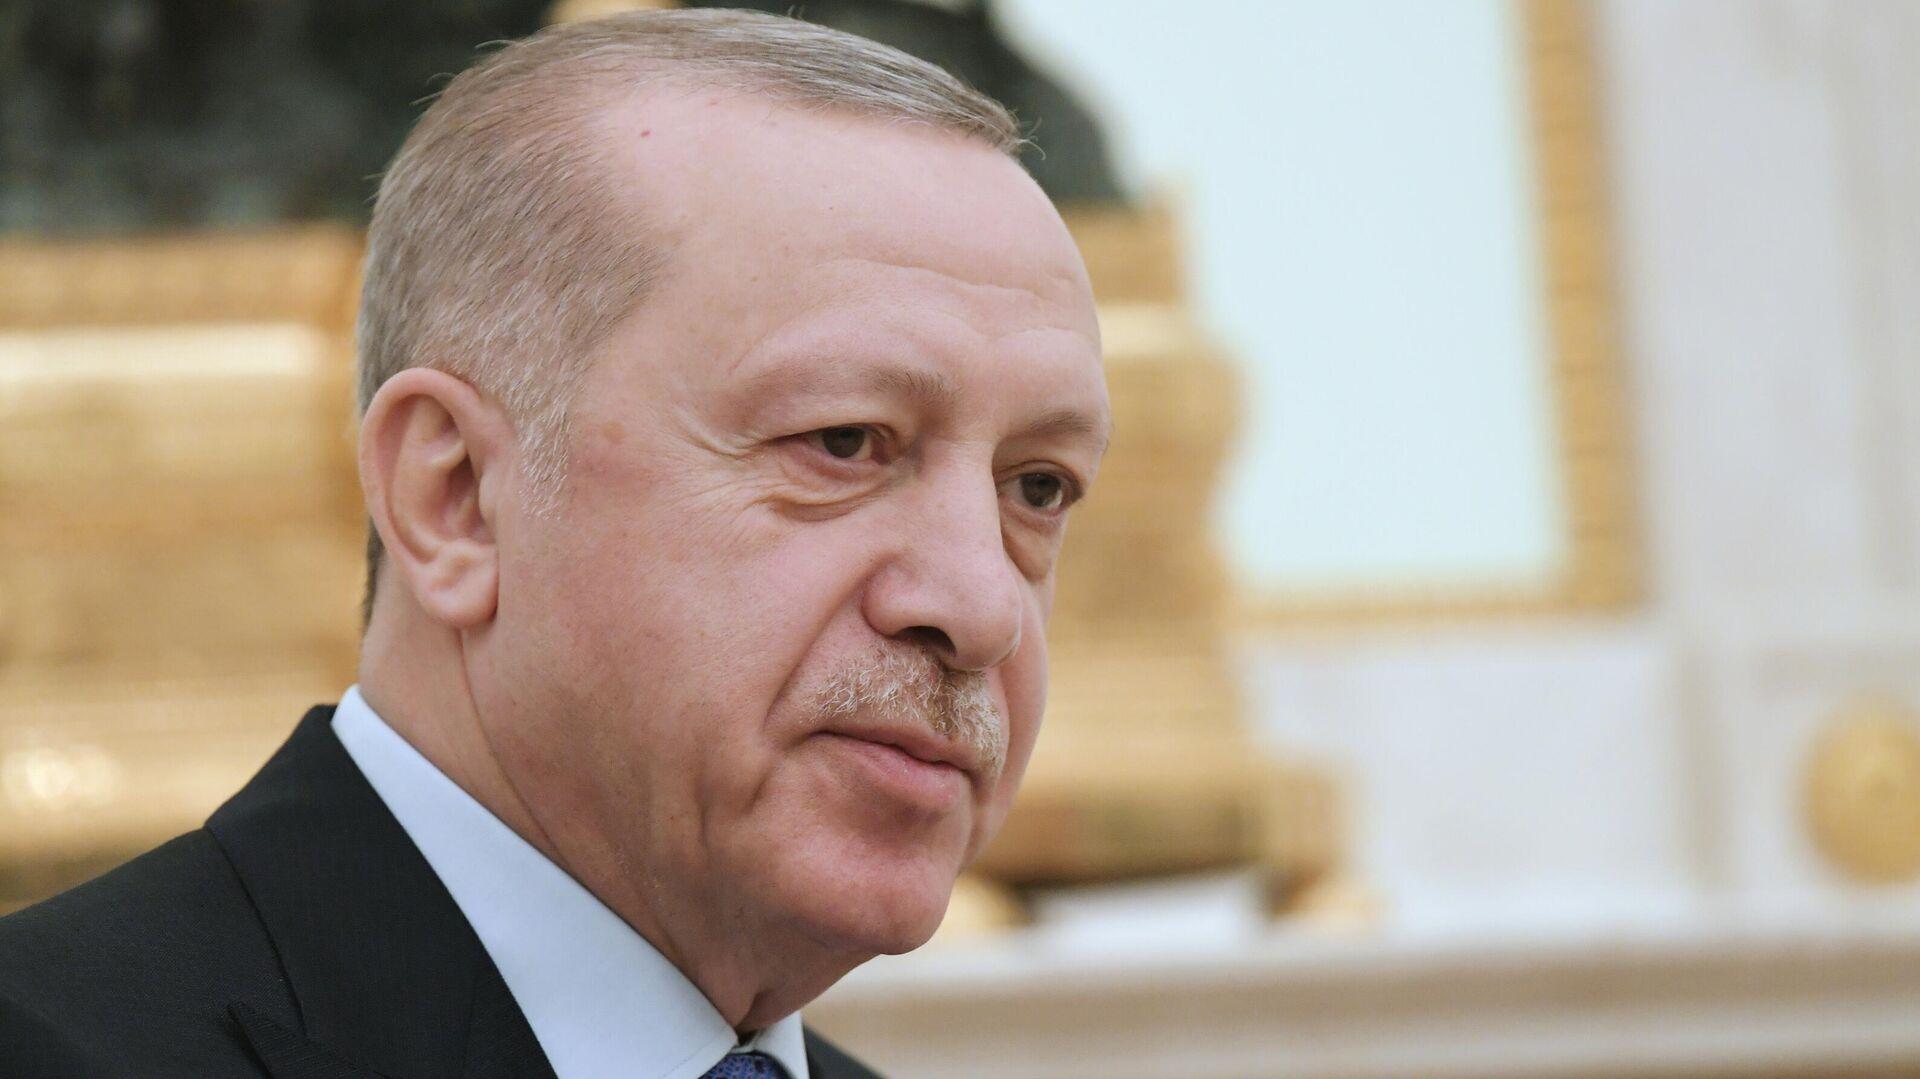 Президент Турции Реджеп Тайип Эрдоган во время встречи с президентом РФ Владимиром Путиным - РИА Новости, 1920, 15.11.2020